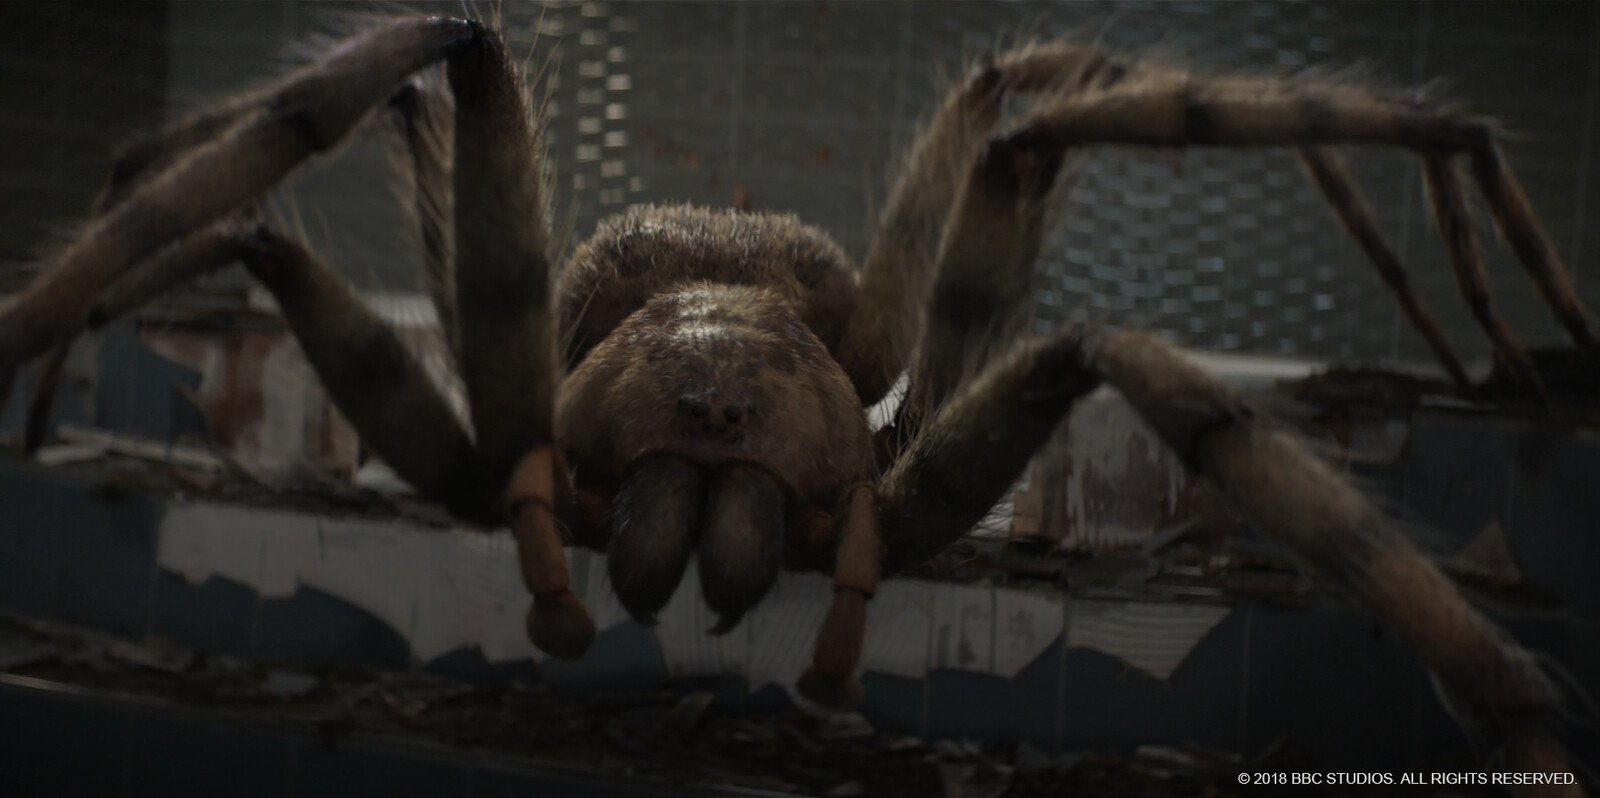 Giant spider - shot lighting